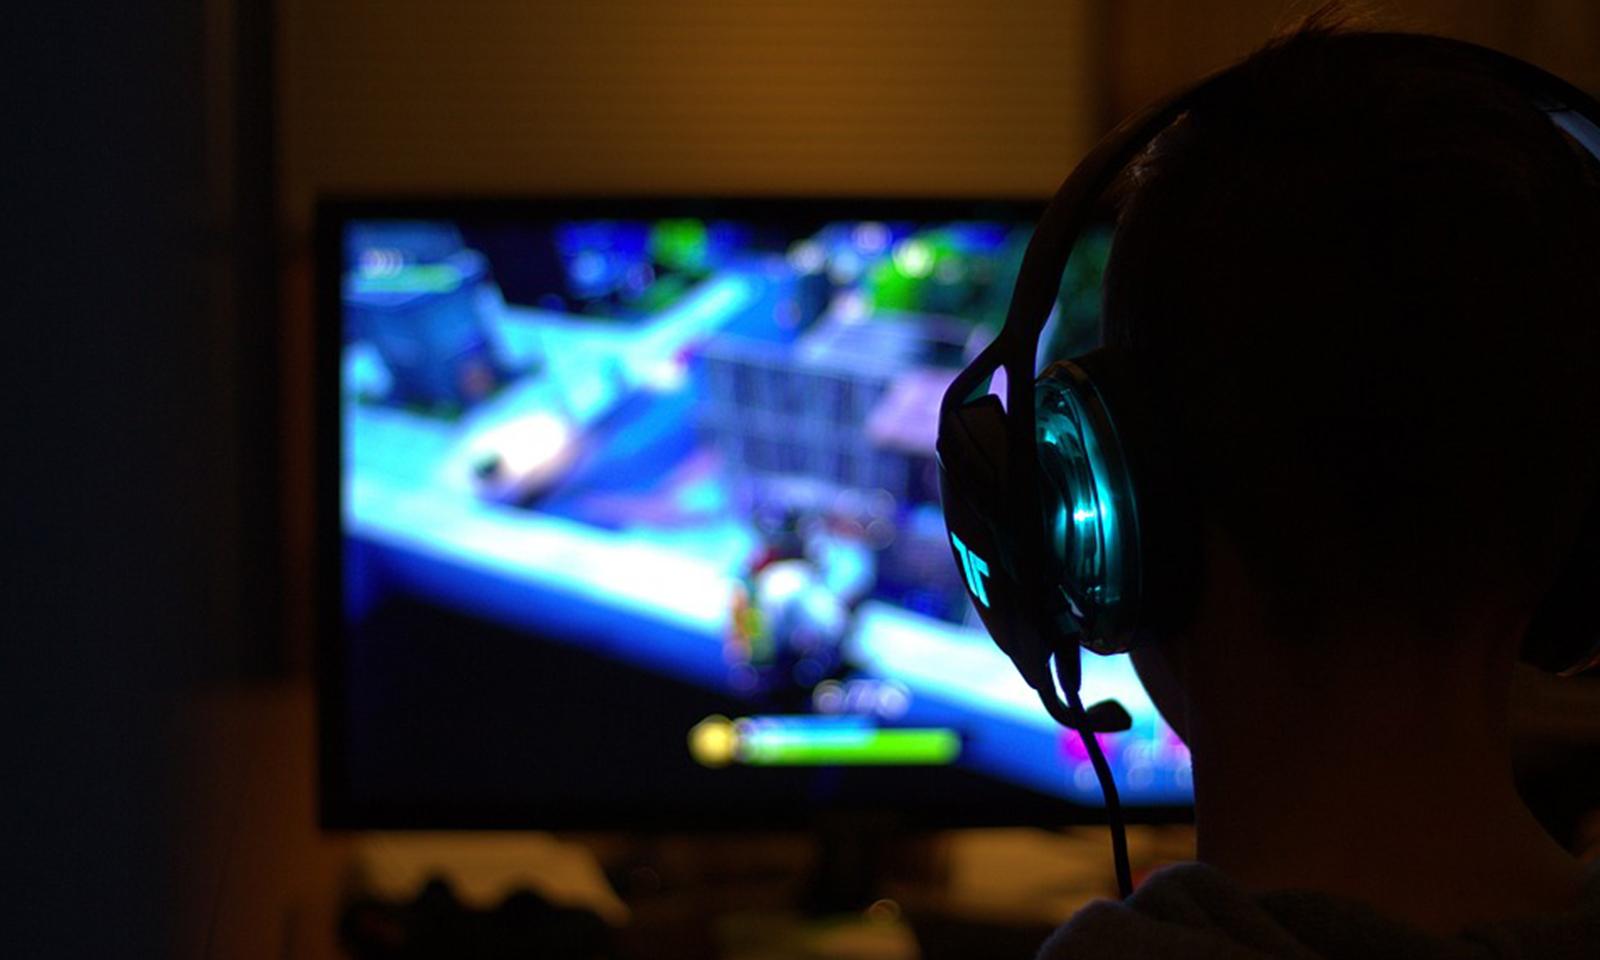 Menino jogando com fone de ouvido e fazendo gameplay.